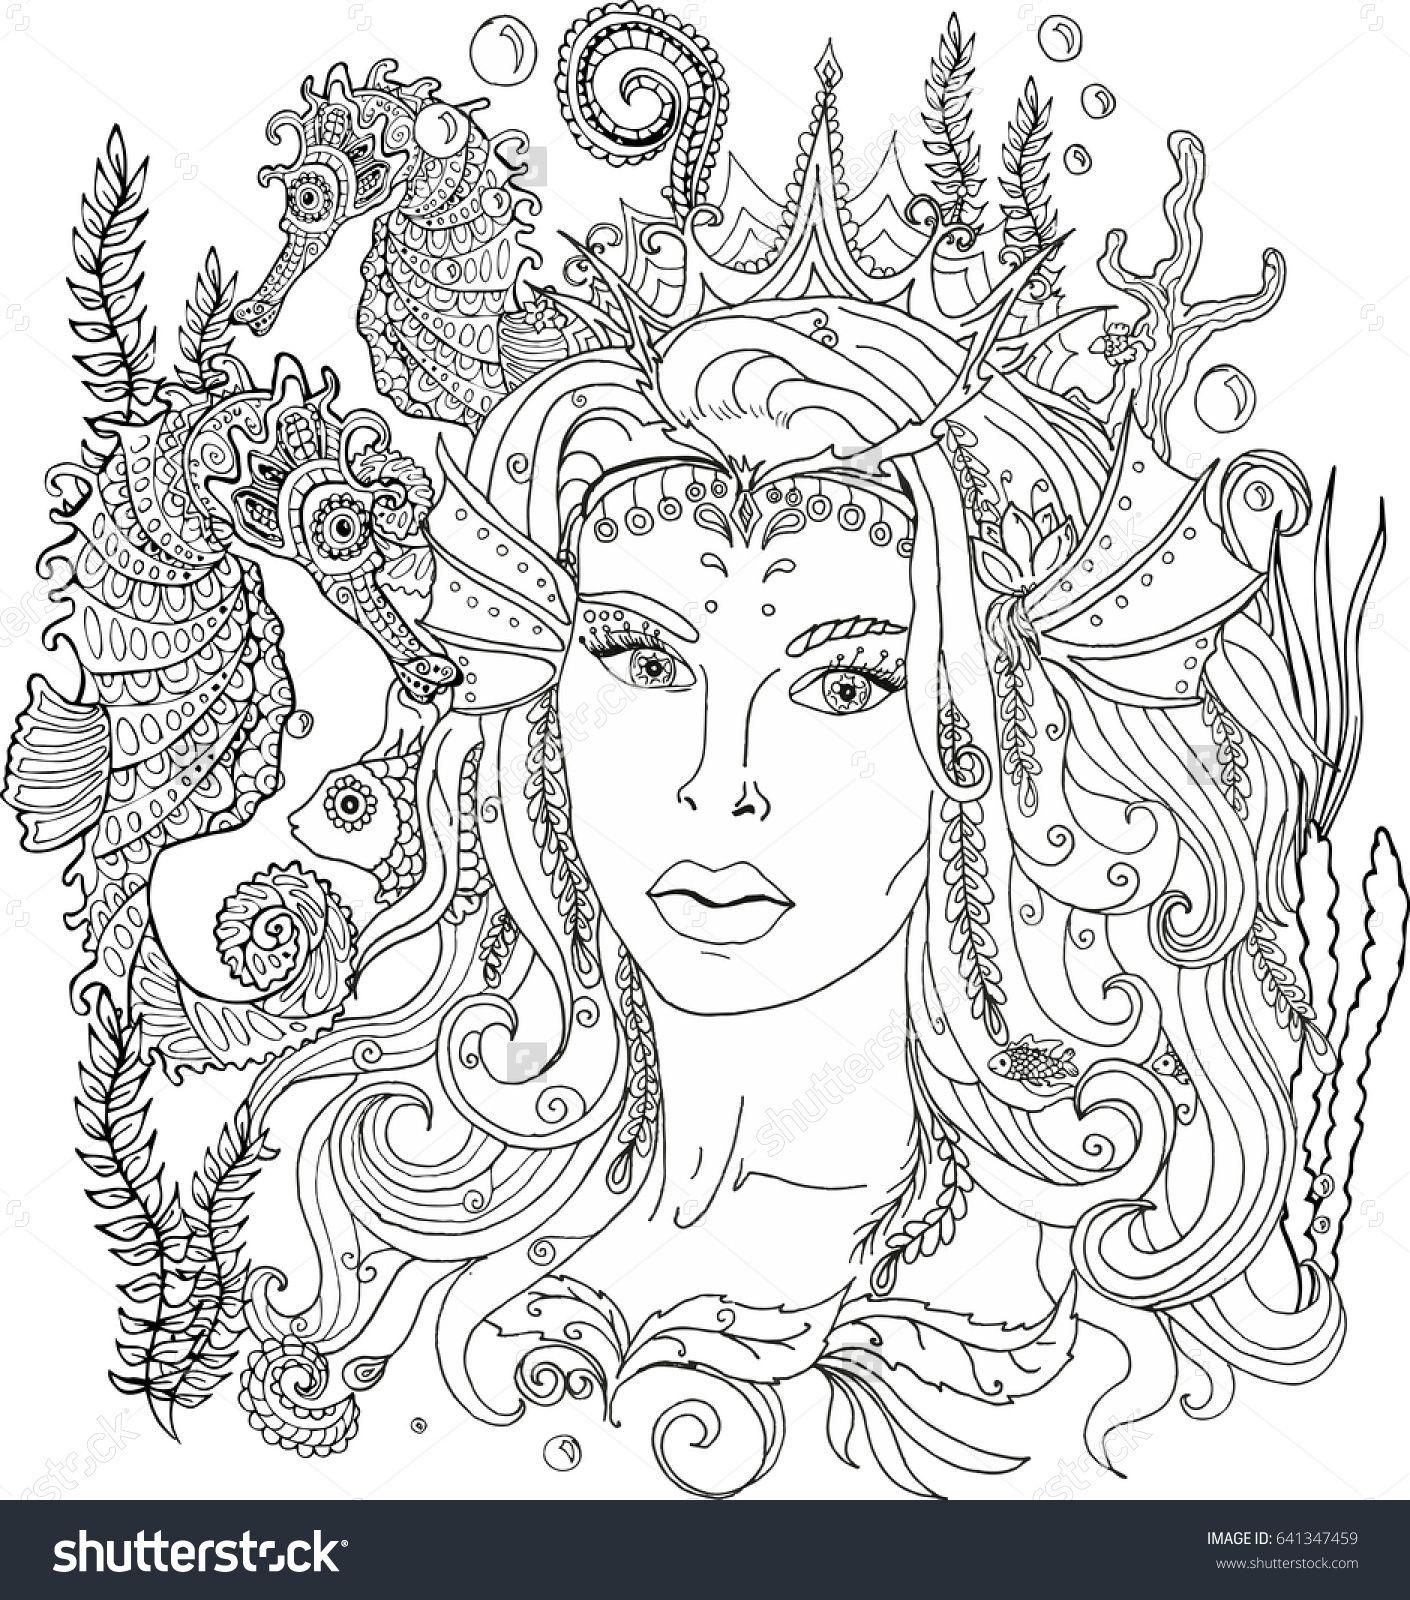 Icolor Mermaids Mermaid Coloring Book Mermaid Coloring Pages Mermaid Coloring